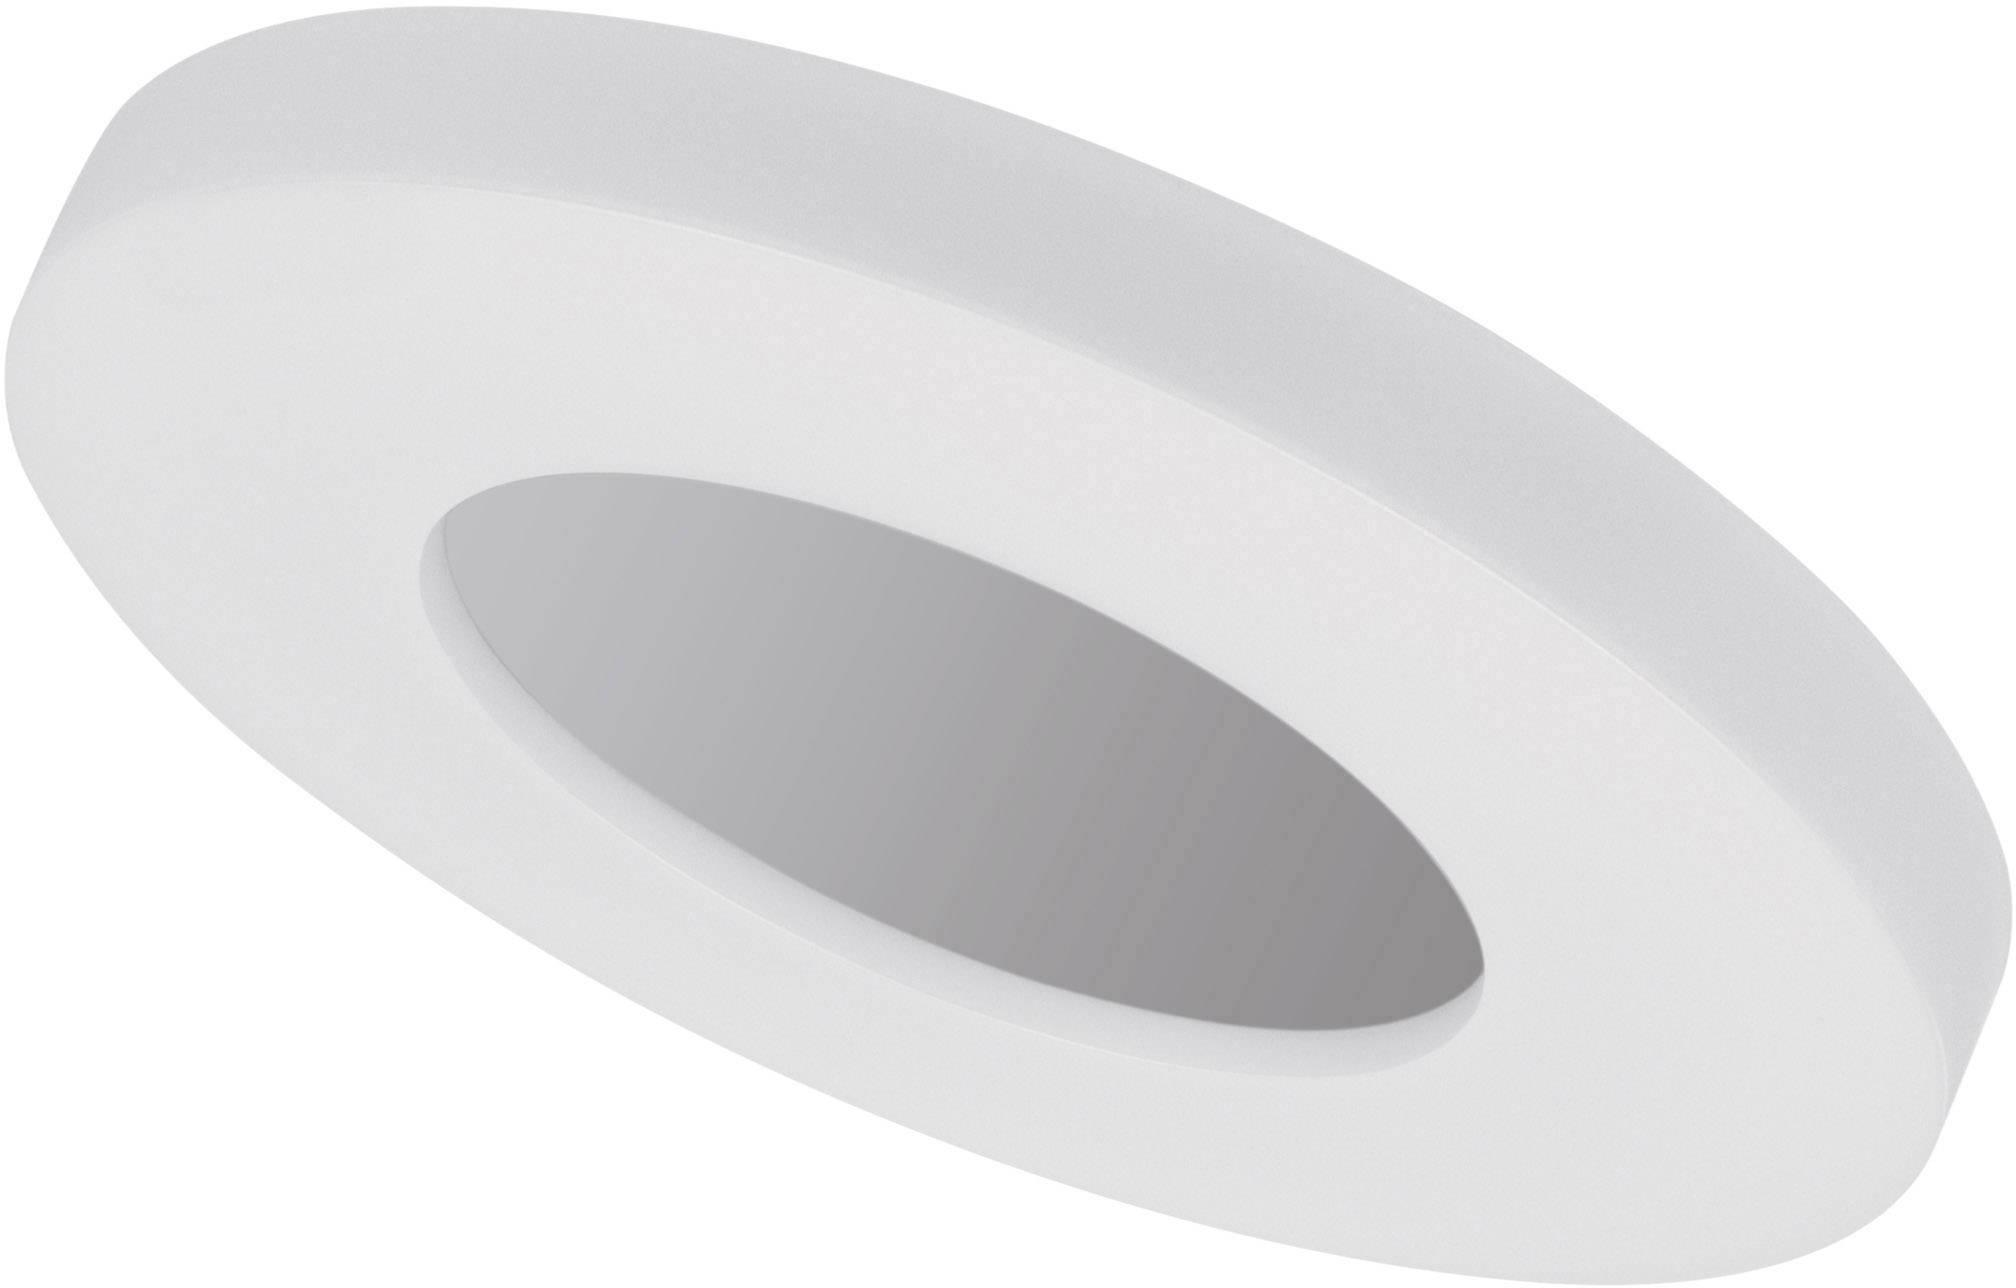 Lampa sufitowa LED OSRAM Ring 4052899948303 1 szt.